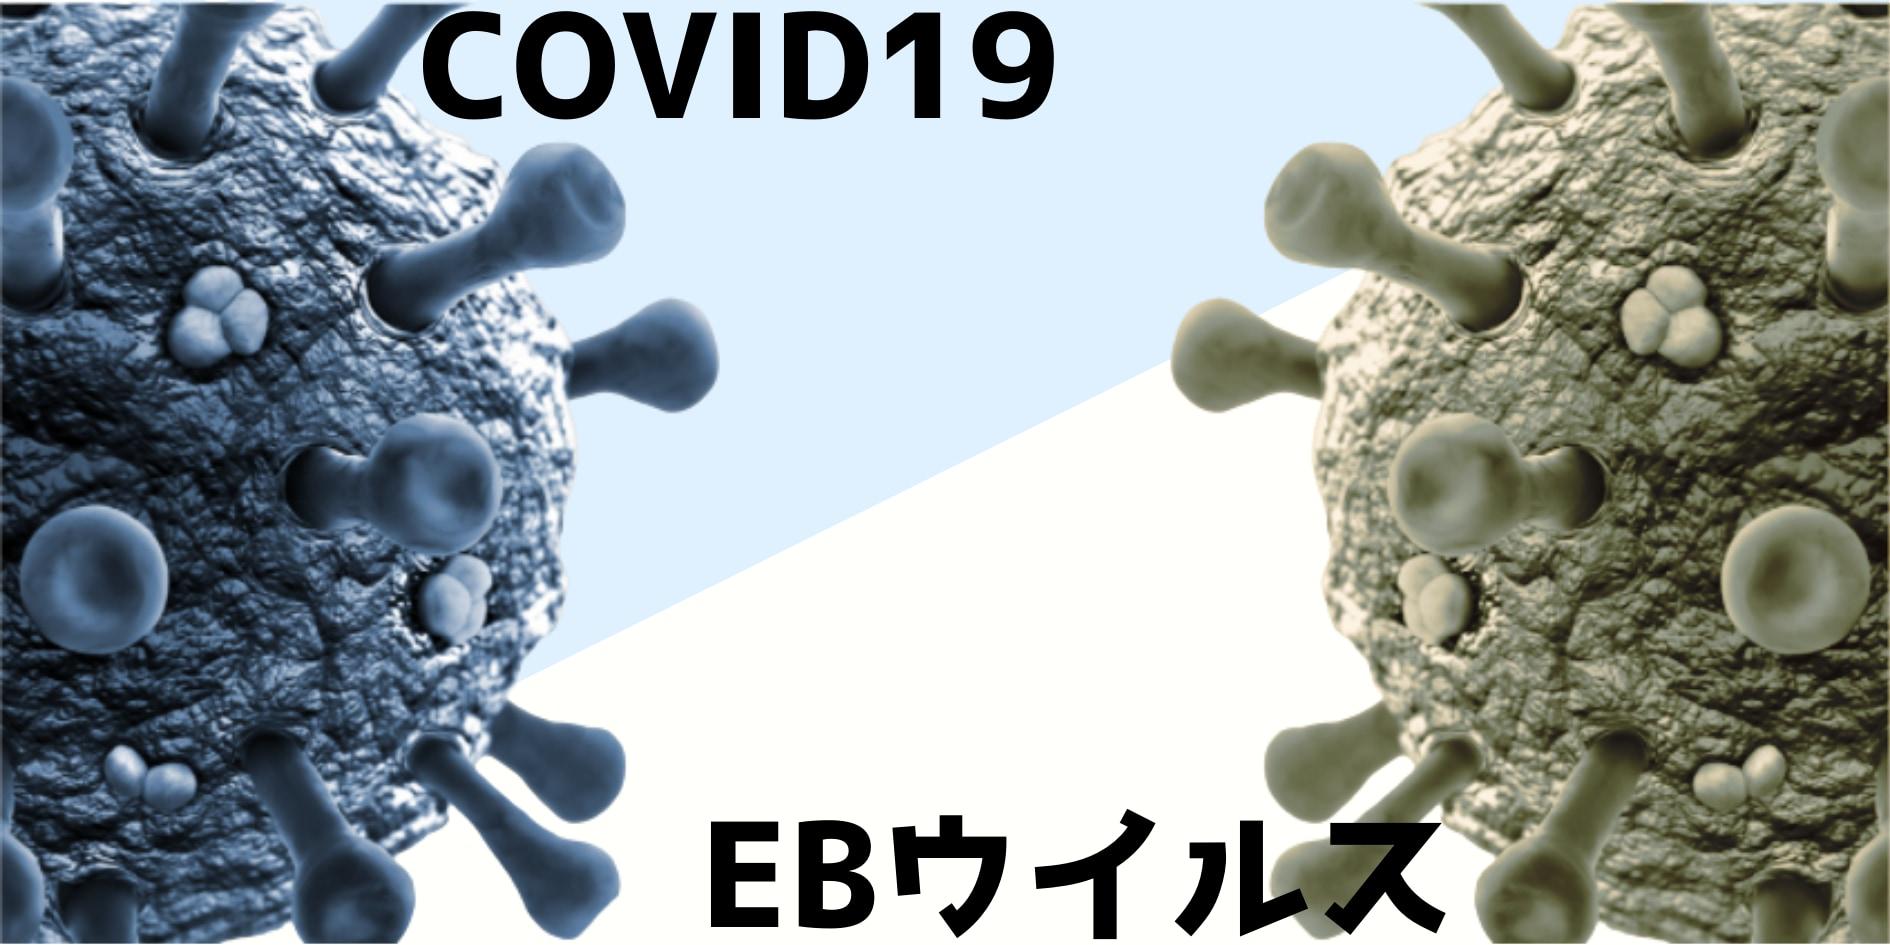 無症状でも後遺症になる? 新型コロナウイルスの後遺症は体内で目覚めた別のウイルスが再活性化したためと判明!